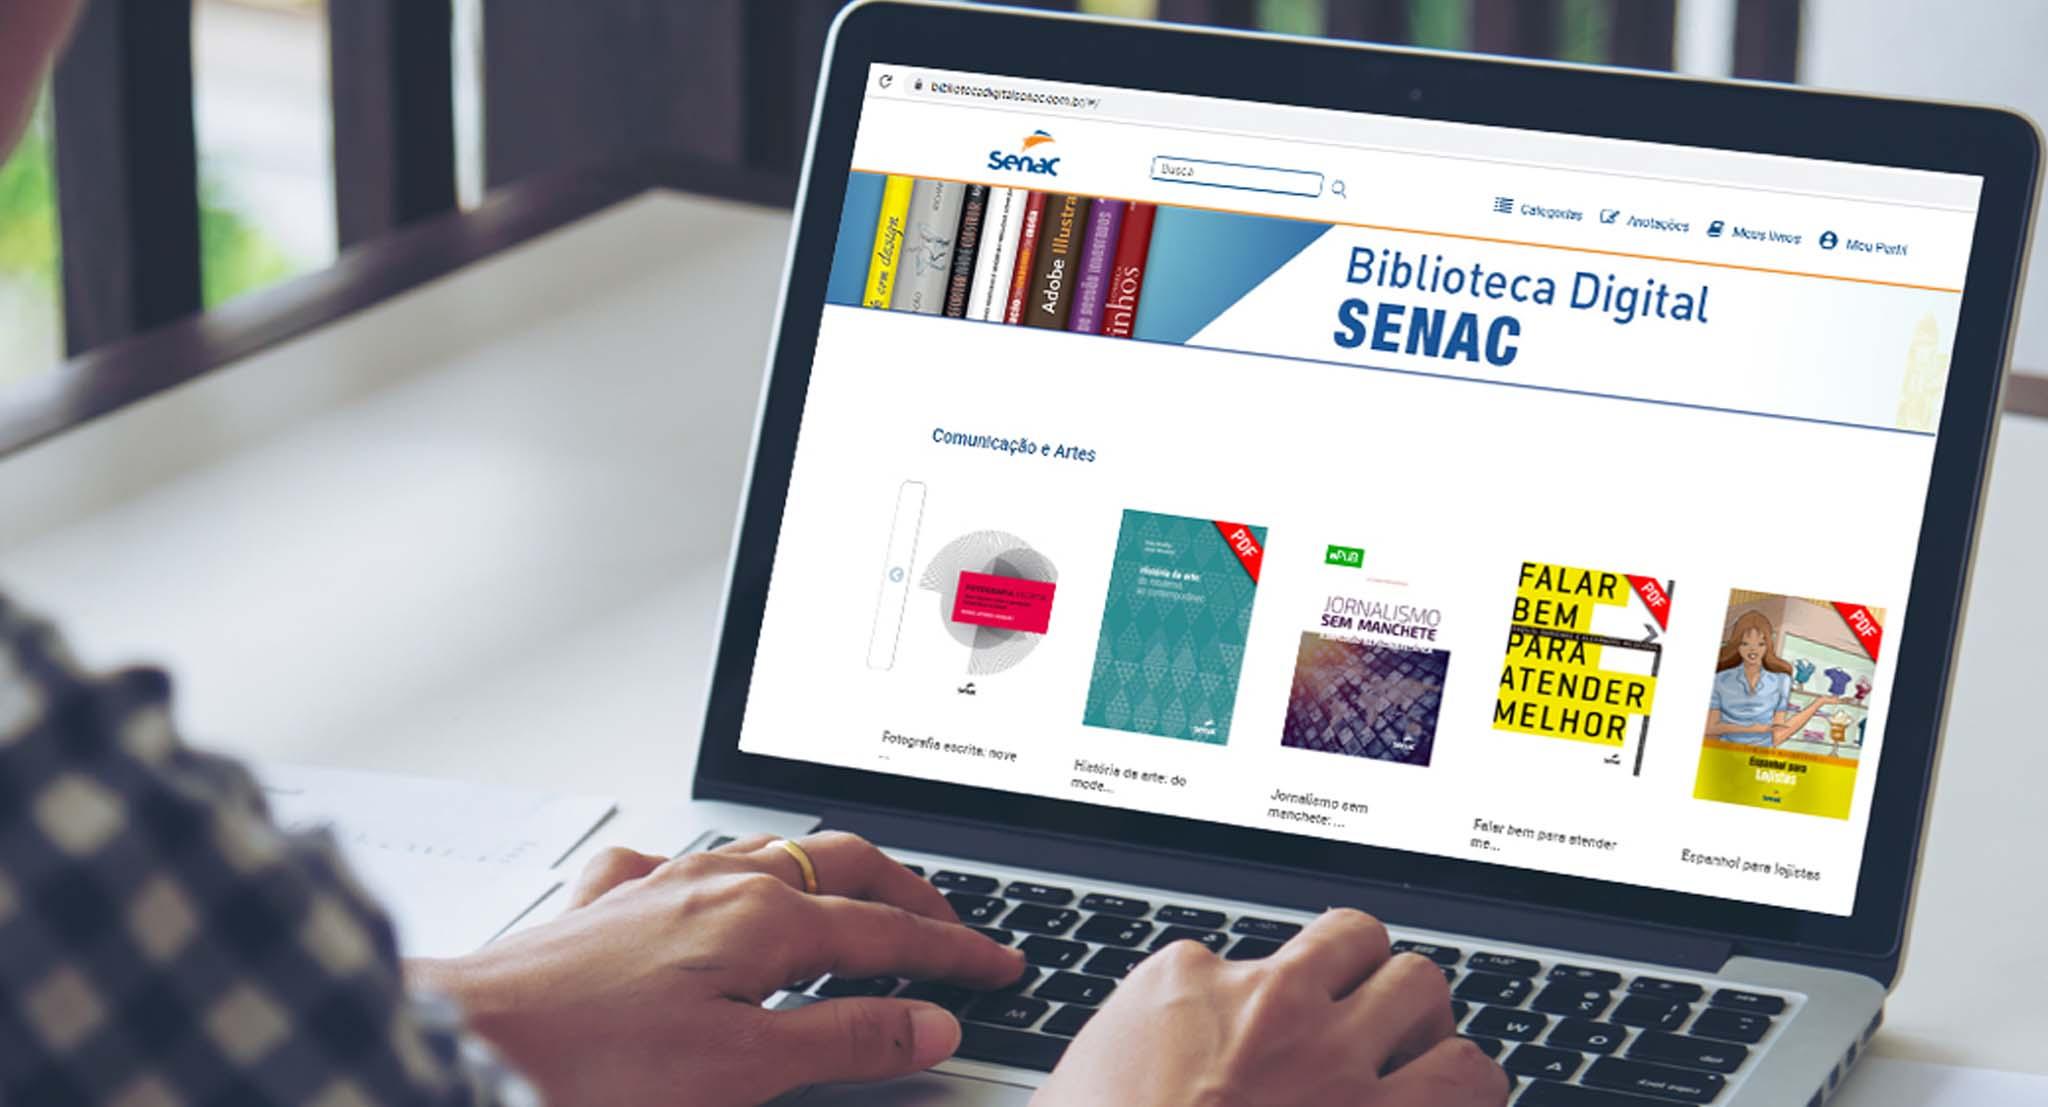 Biblioteca Digital do Senac é opção segura para estudar remotamente_